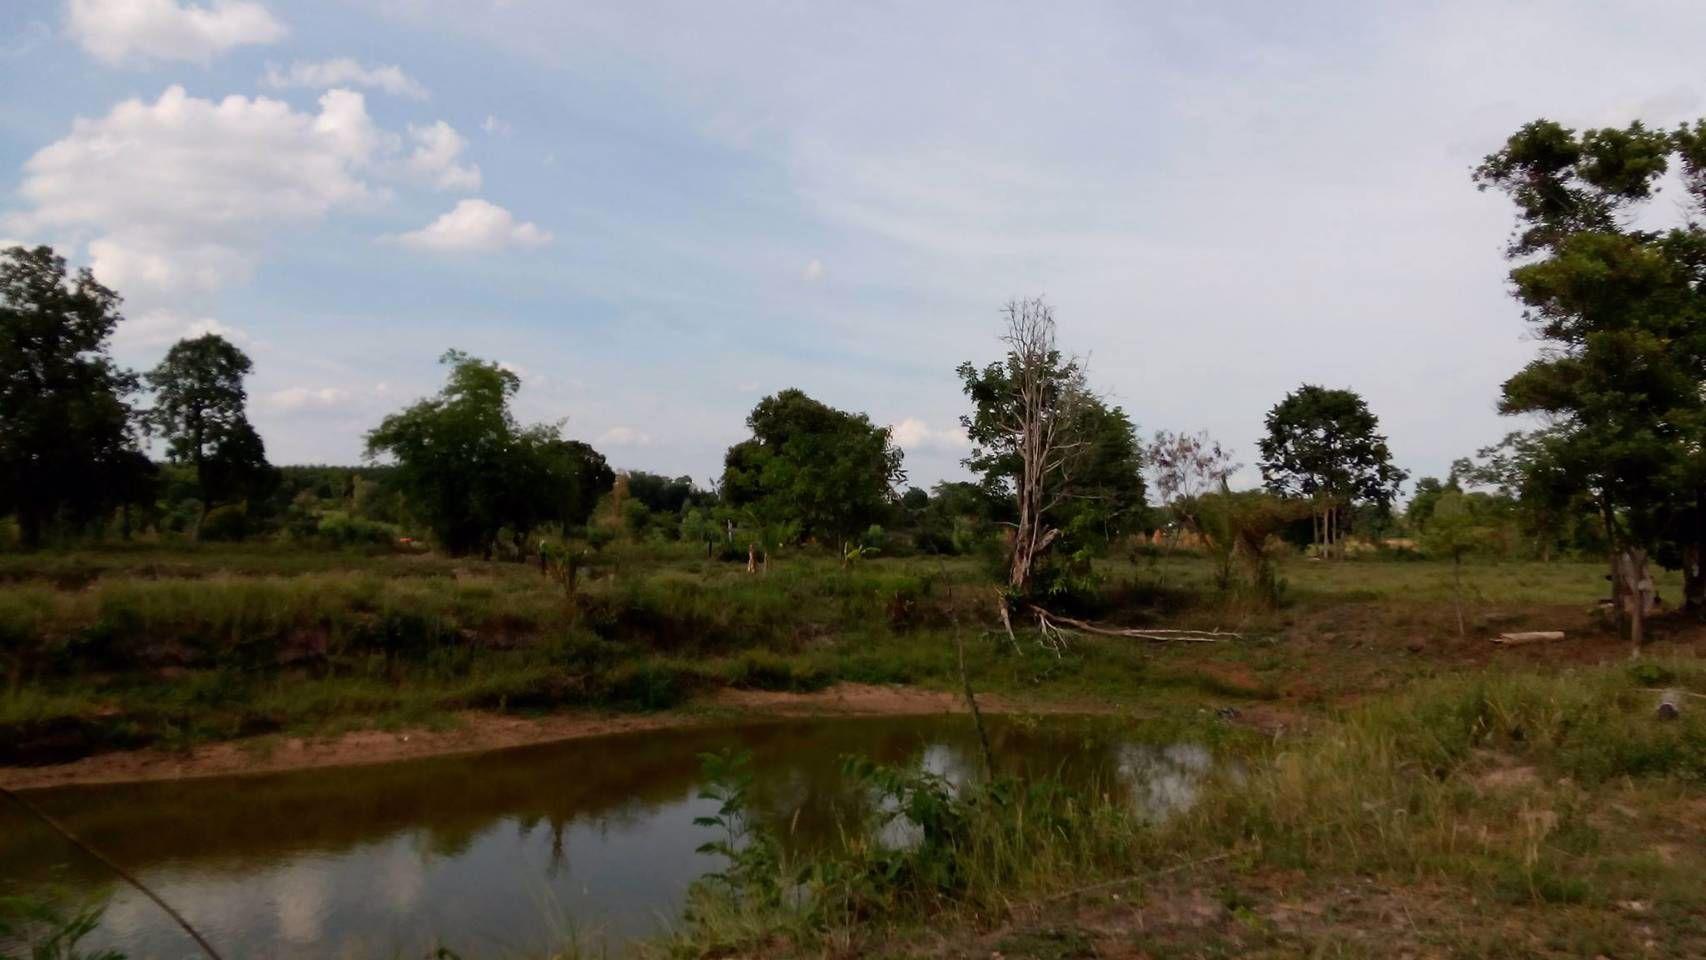 ขายที่ดินตรงข้าม-นพค26-ติดคลองชลประทาน-มีน้ำใช้ตลอดปี-อพรรณานิคม-จสกลนคร